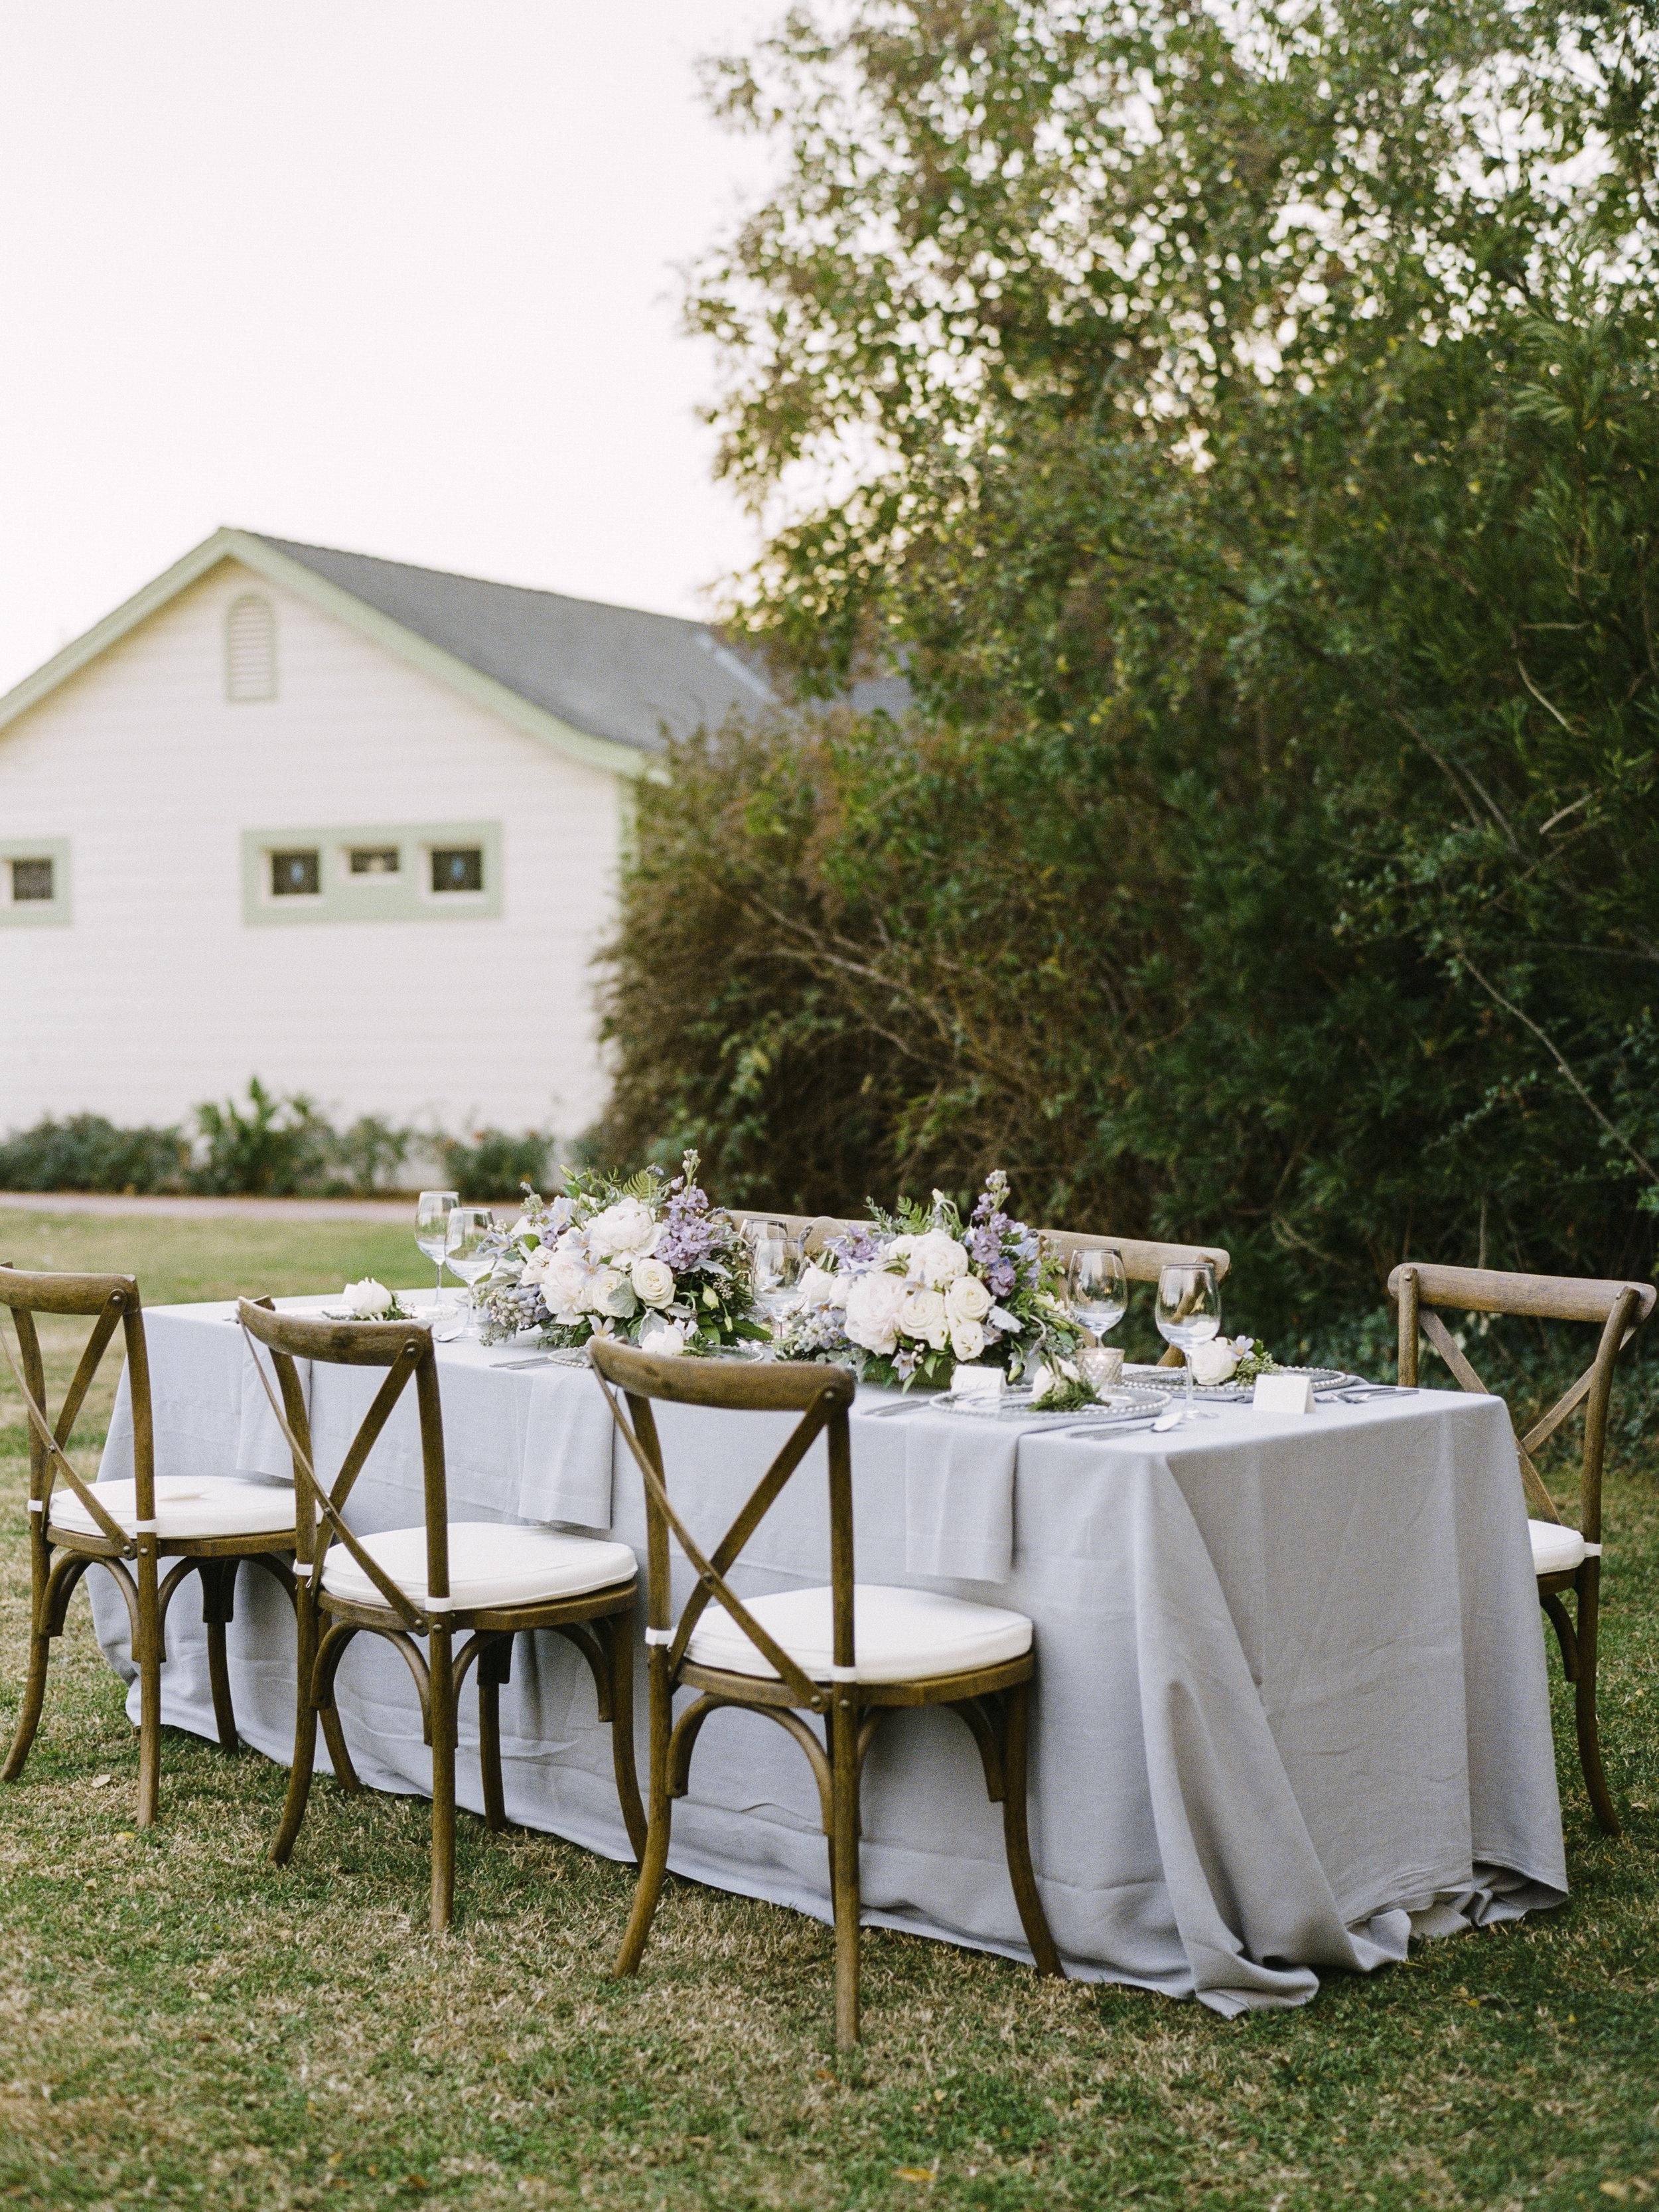 Violette-fleurs-roseville-sacramento-california-Flower-farm-inn-wedding-florist-spring-gray-elegant-tablescape-blush-peach.jpg